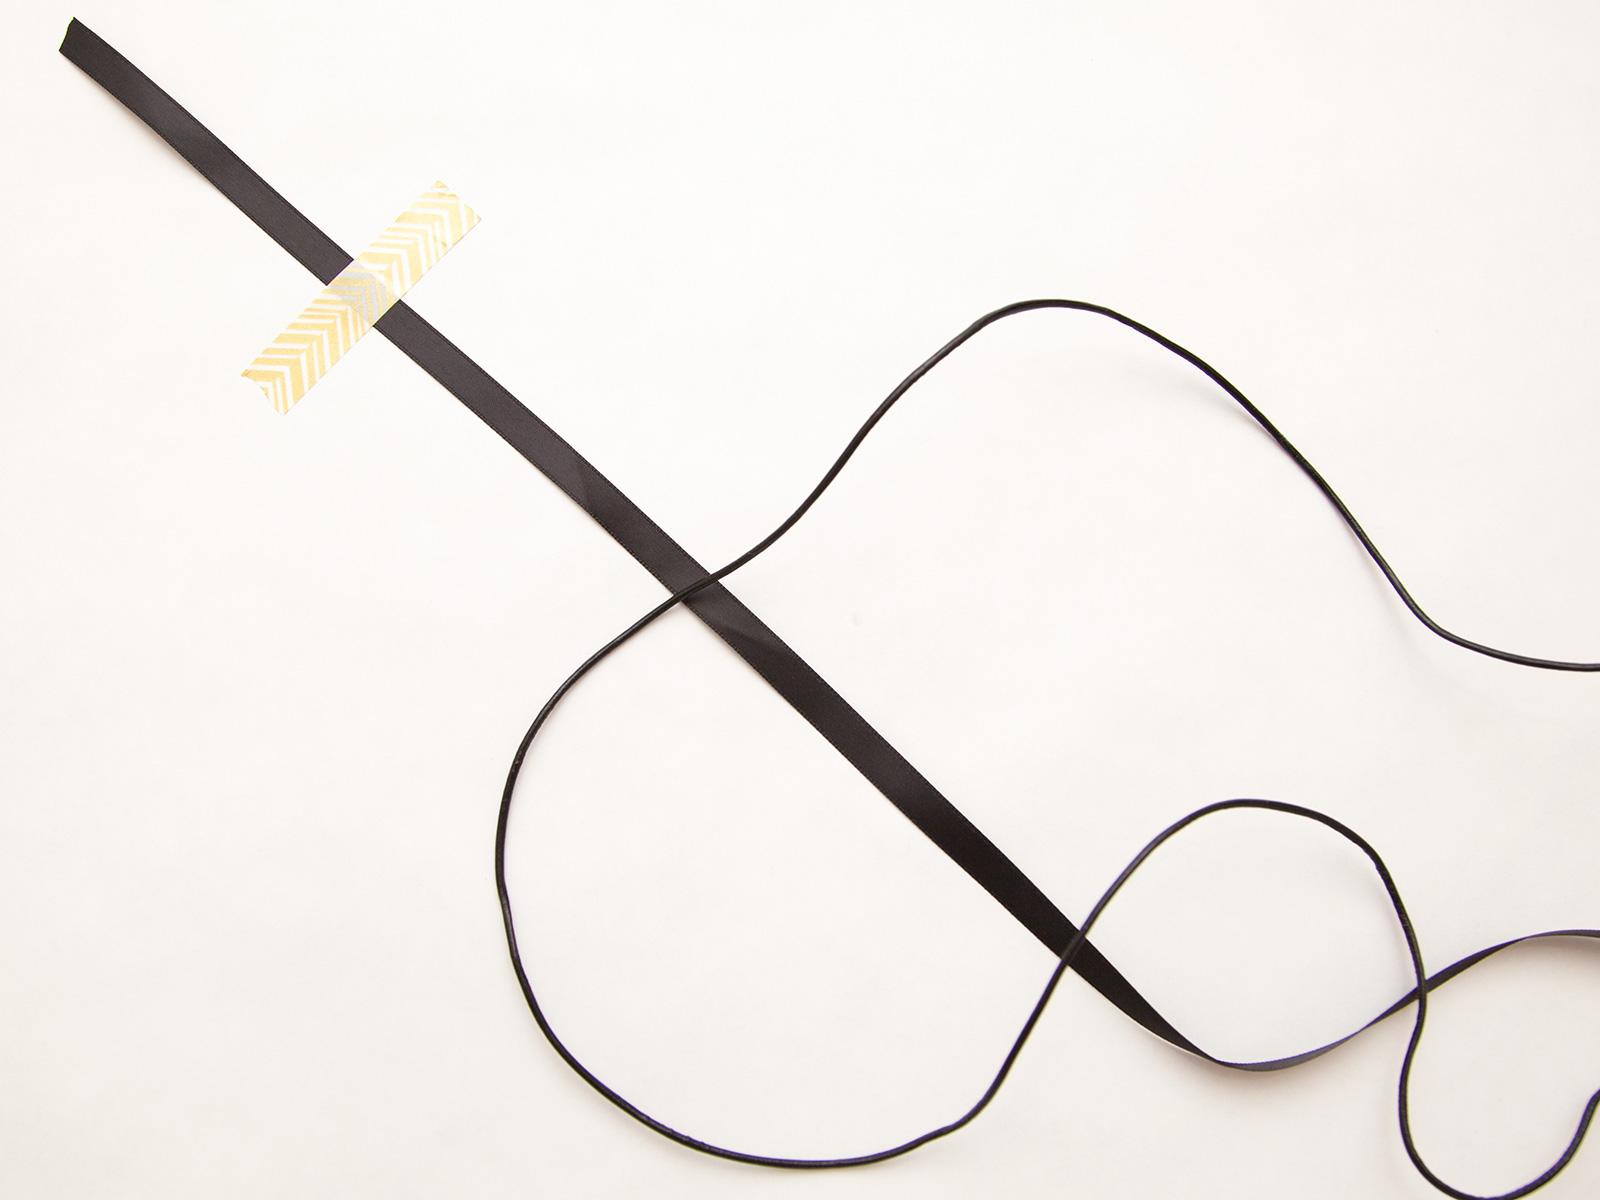 DIY Macrame Choker Step 1 by Trinkets in Bloom